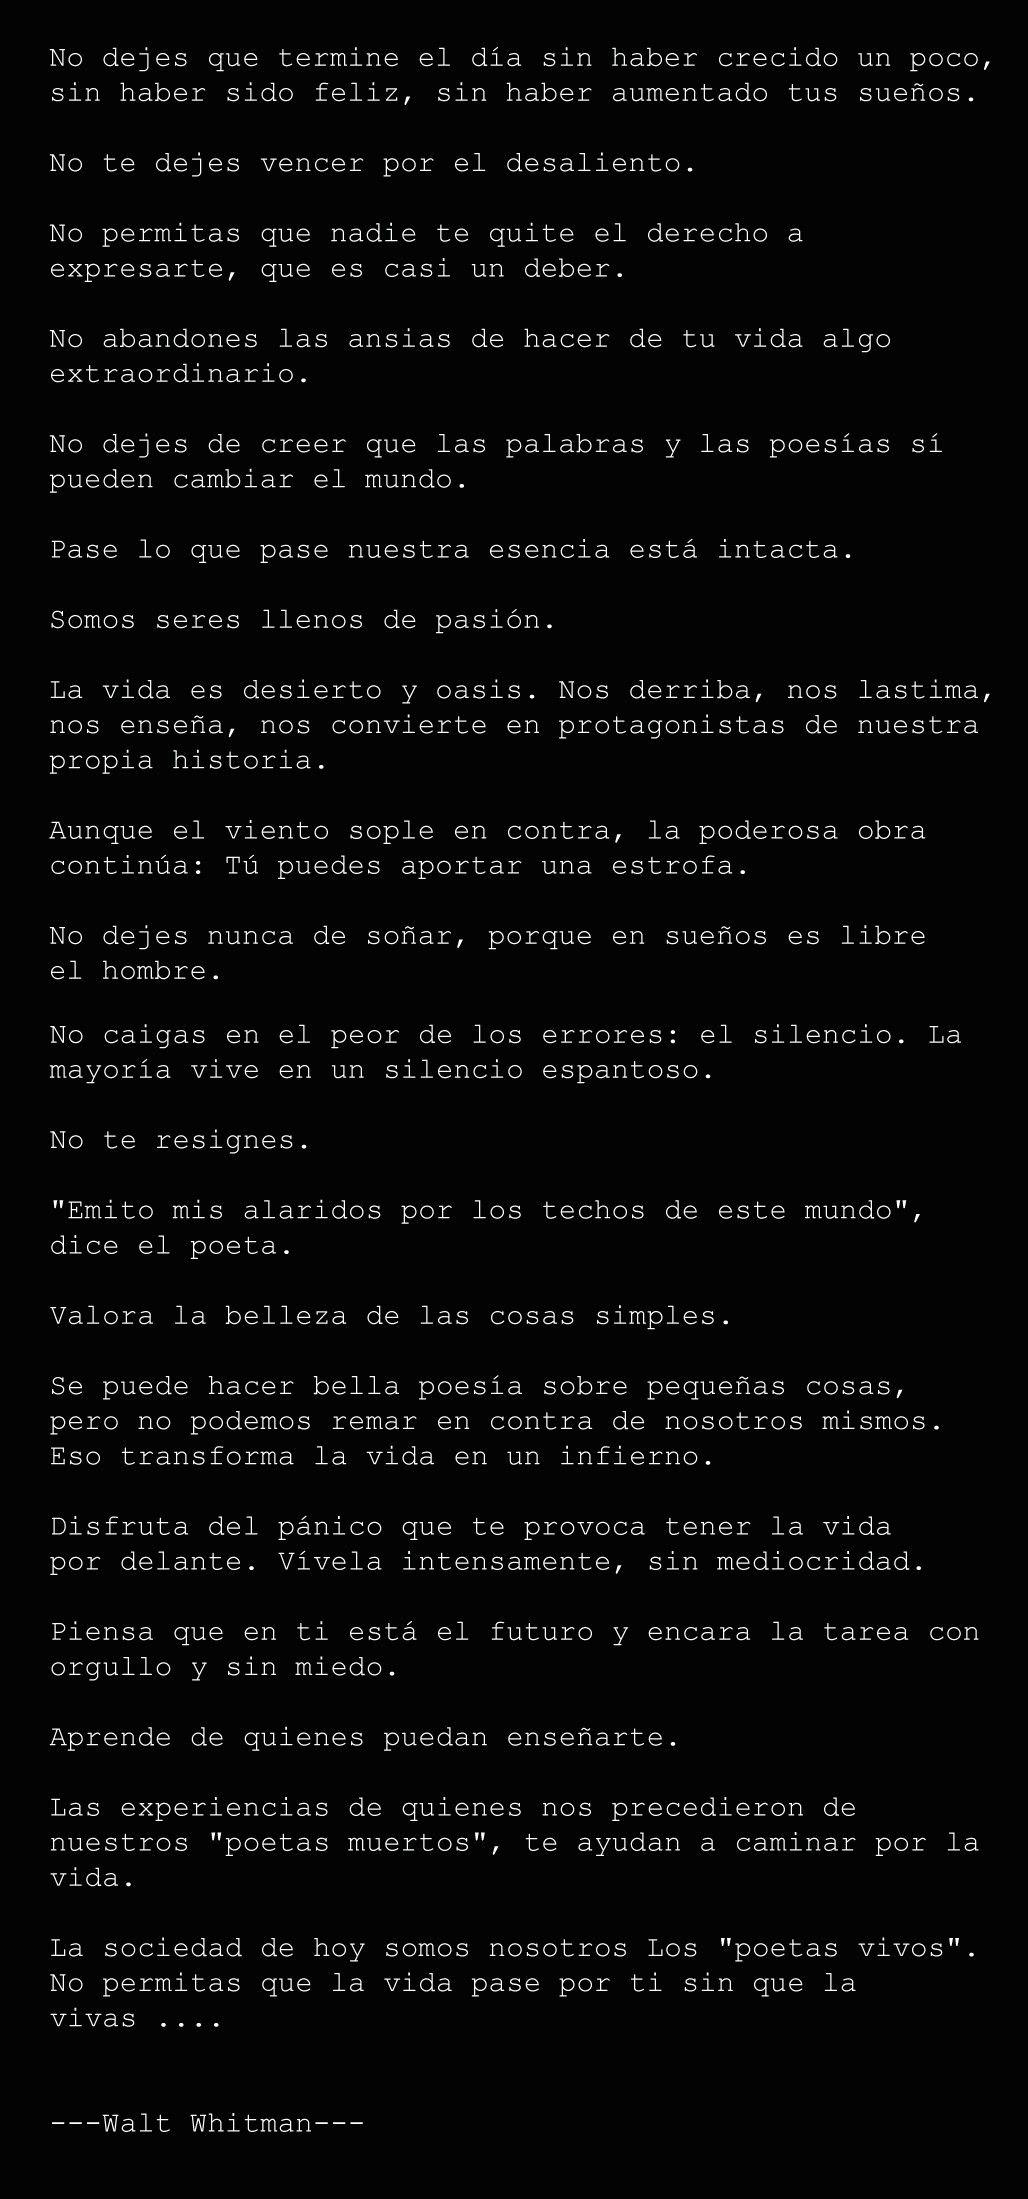 La Sociedad De Los Poetas Muertos En 2020 La Sociedad De Los Poetas Muertos El Club De Los Poetas Muertos Poetas Muertos